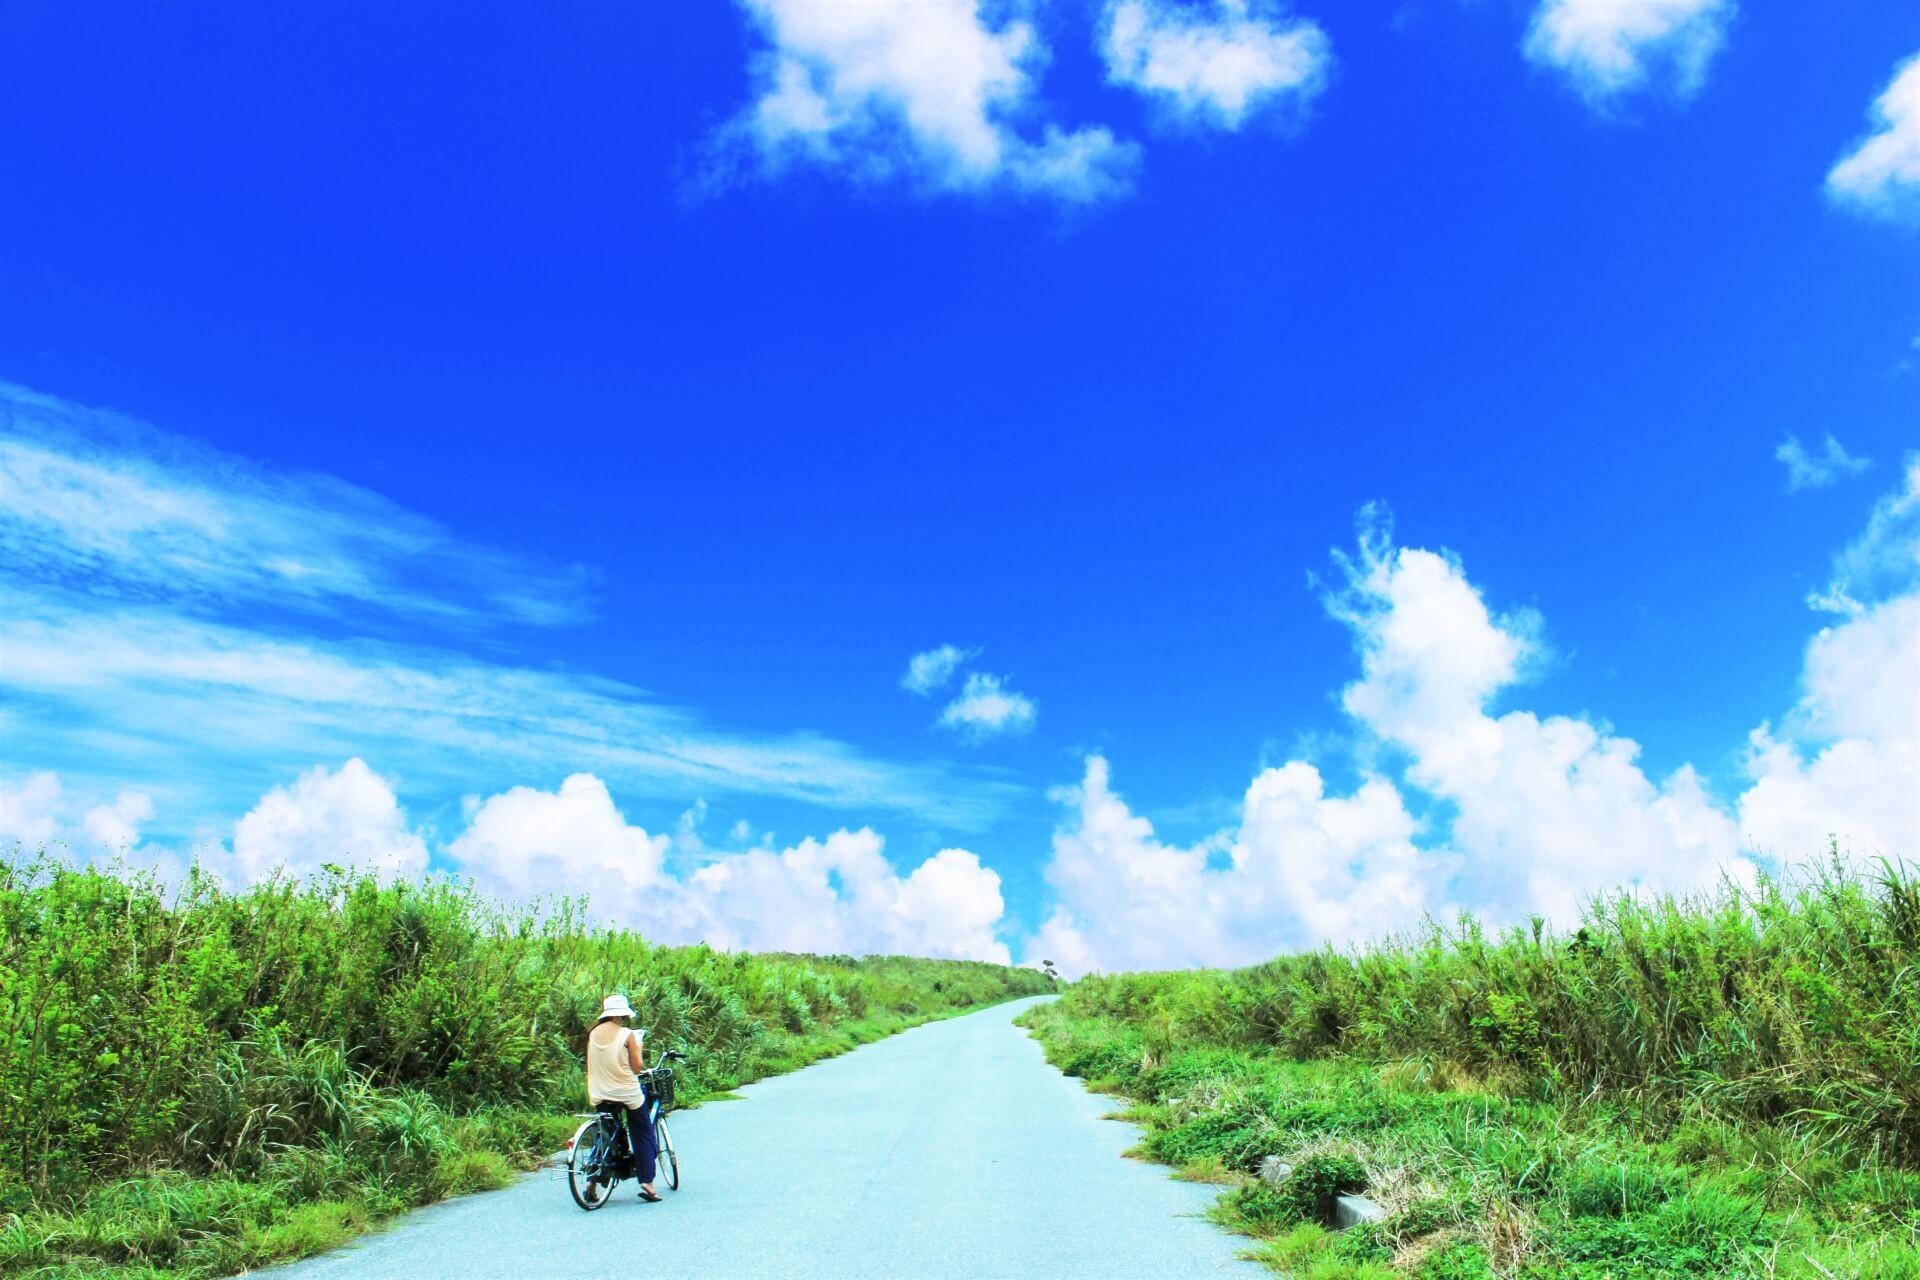 民泊オーナー必見!奄美大島の民泊の現状と民泊運営の将来性